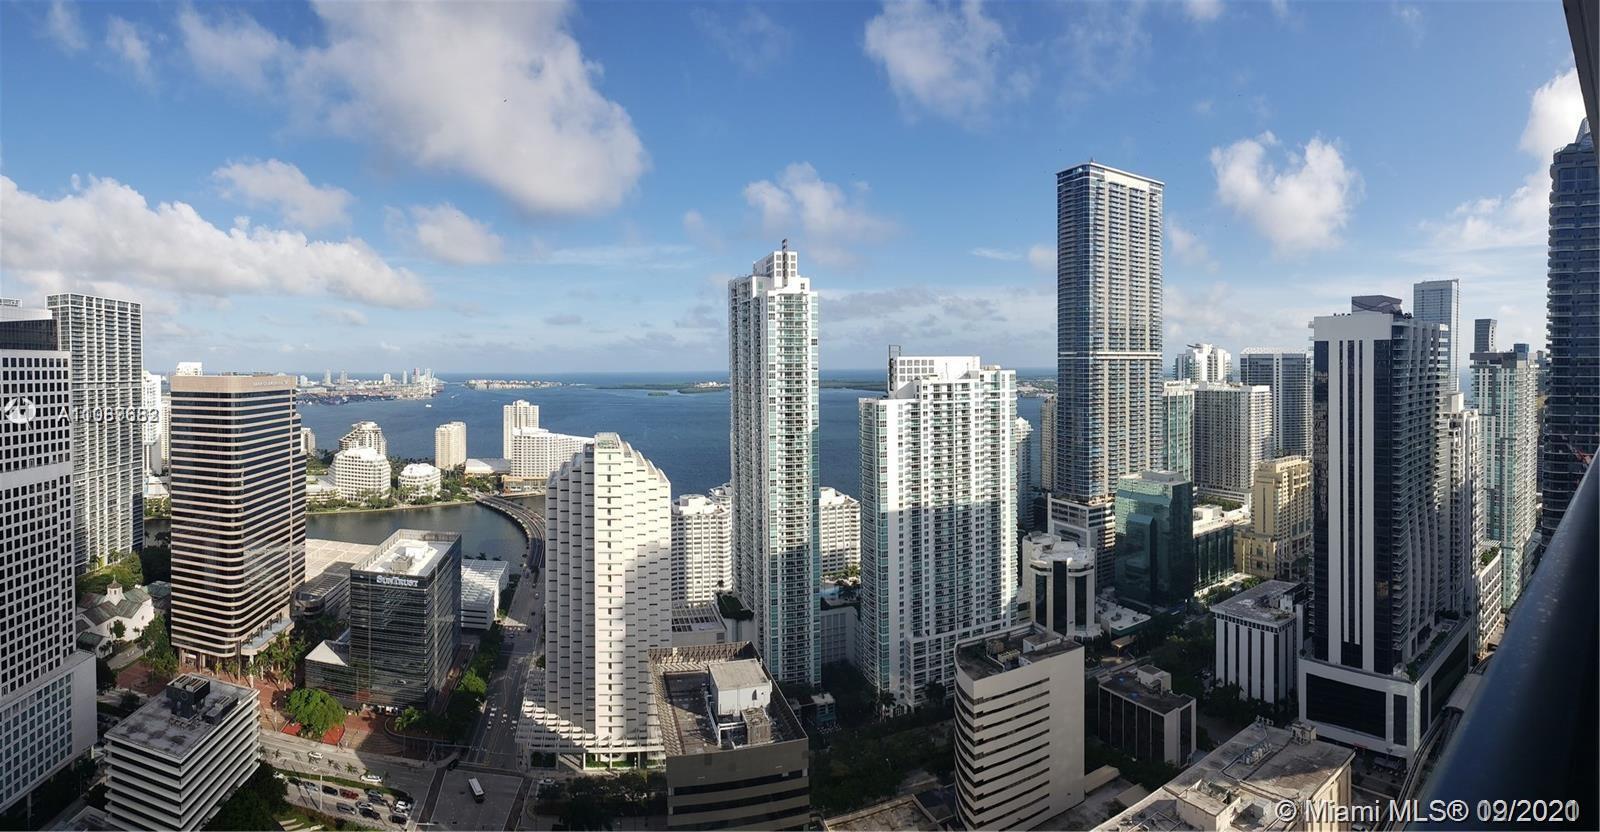 801 Miami Ave Unit 4405, Miami, Florida 33130